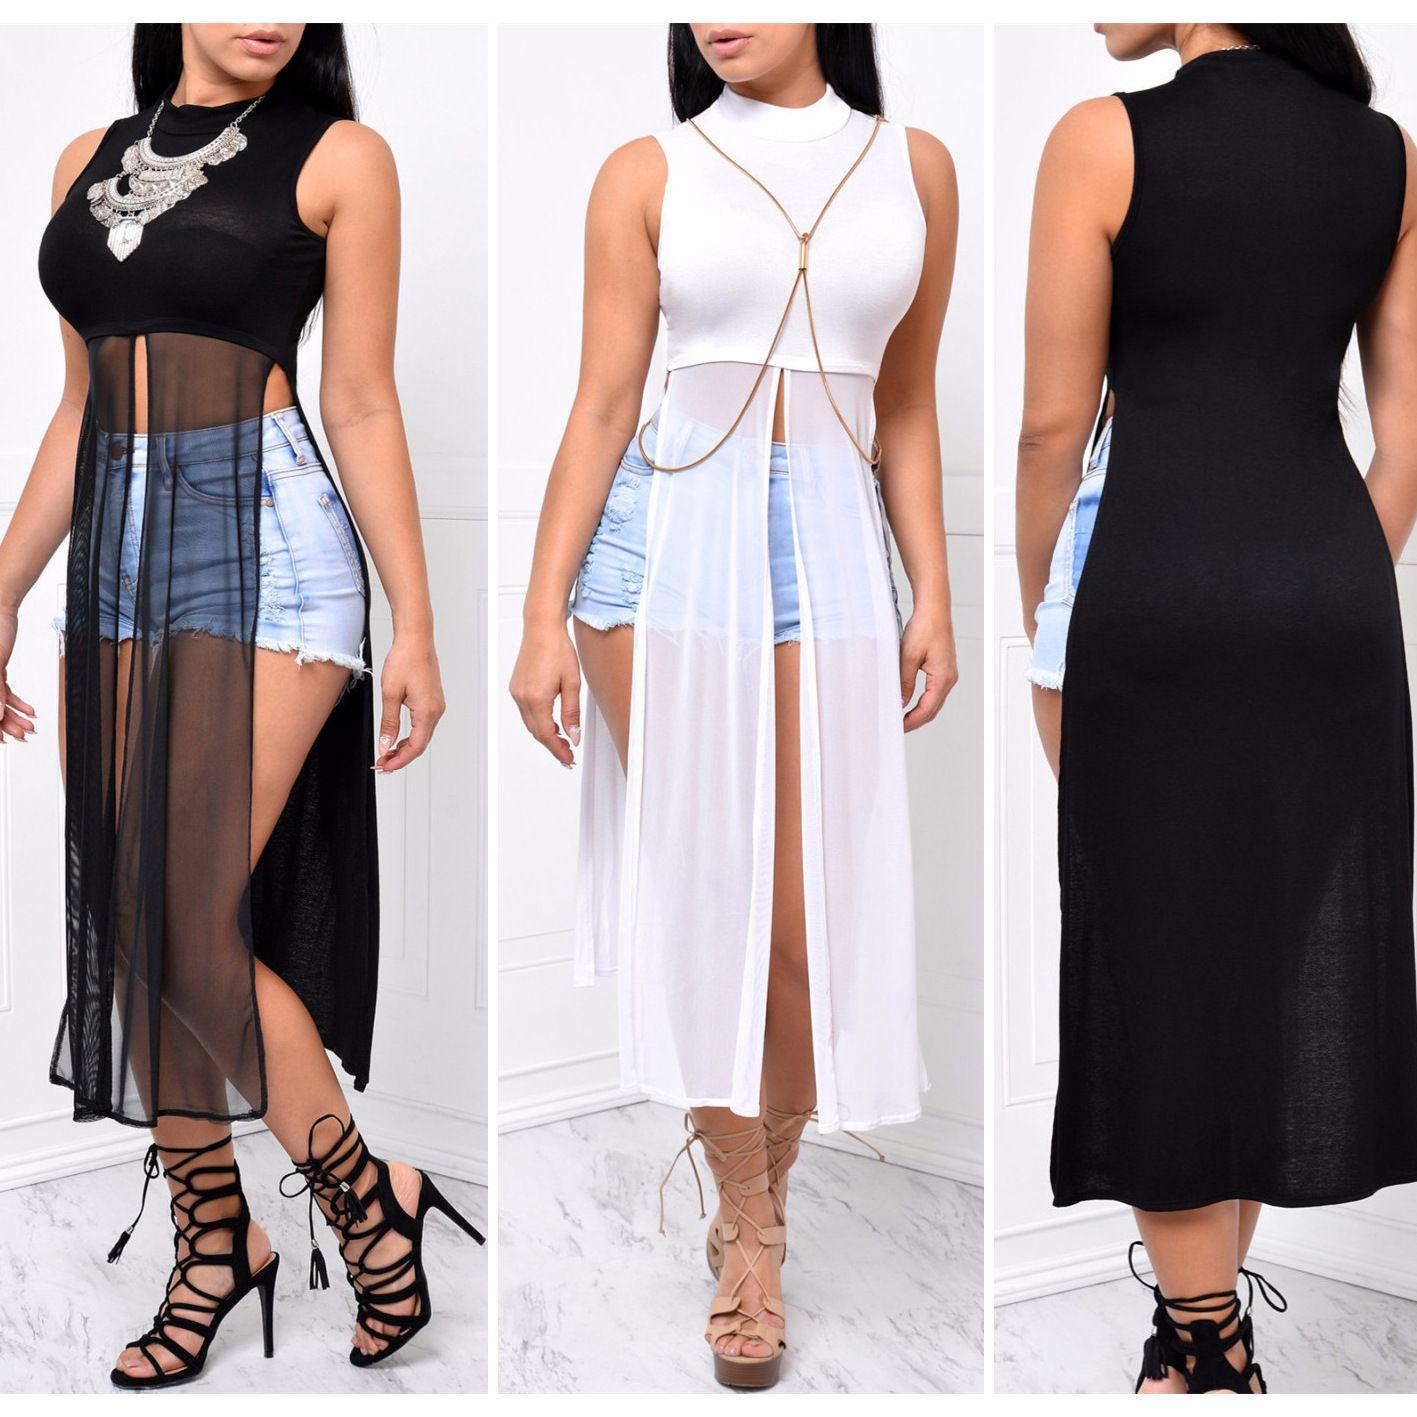 Seksi Yüksek Bölünmüş Midi Elbiseler Kadın Örgü Patchwork Katı Kolsuz Yüksek Bel Sheer Sokak İmparatorluğu Bel Kazak Sokak Elbiseler